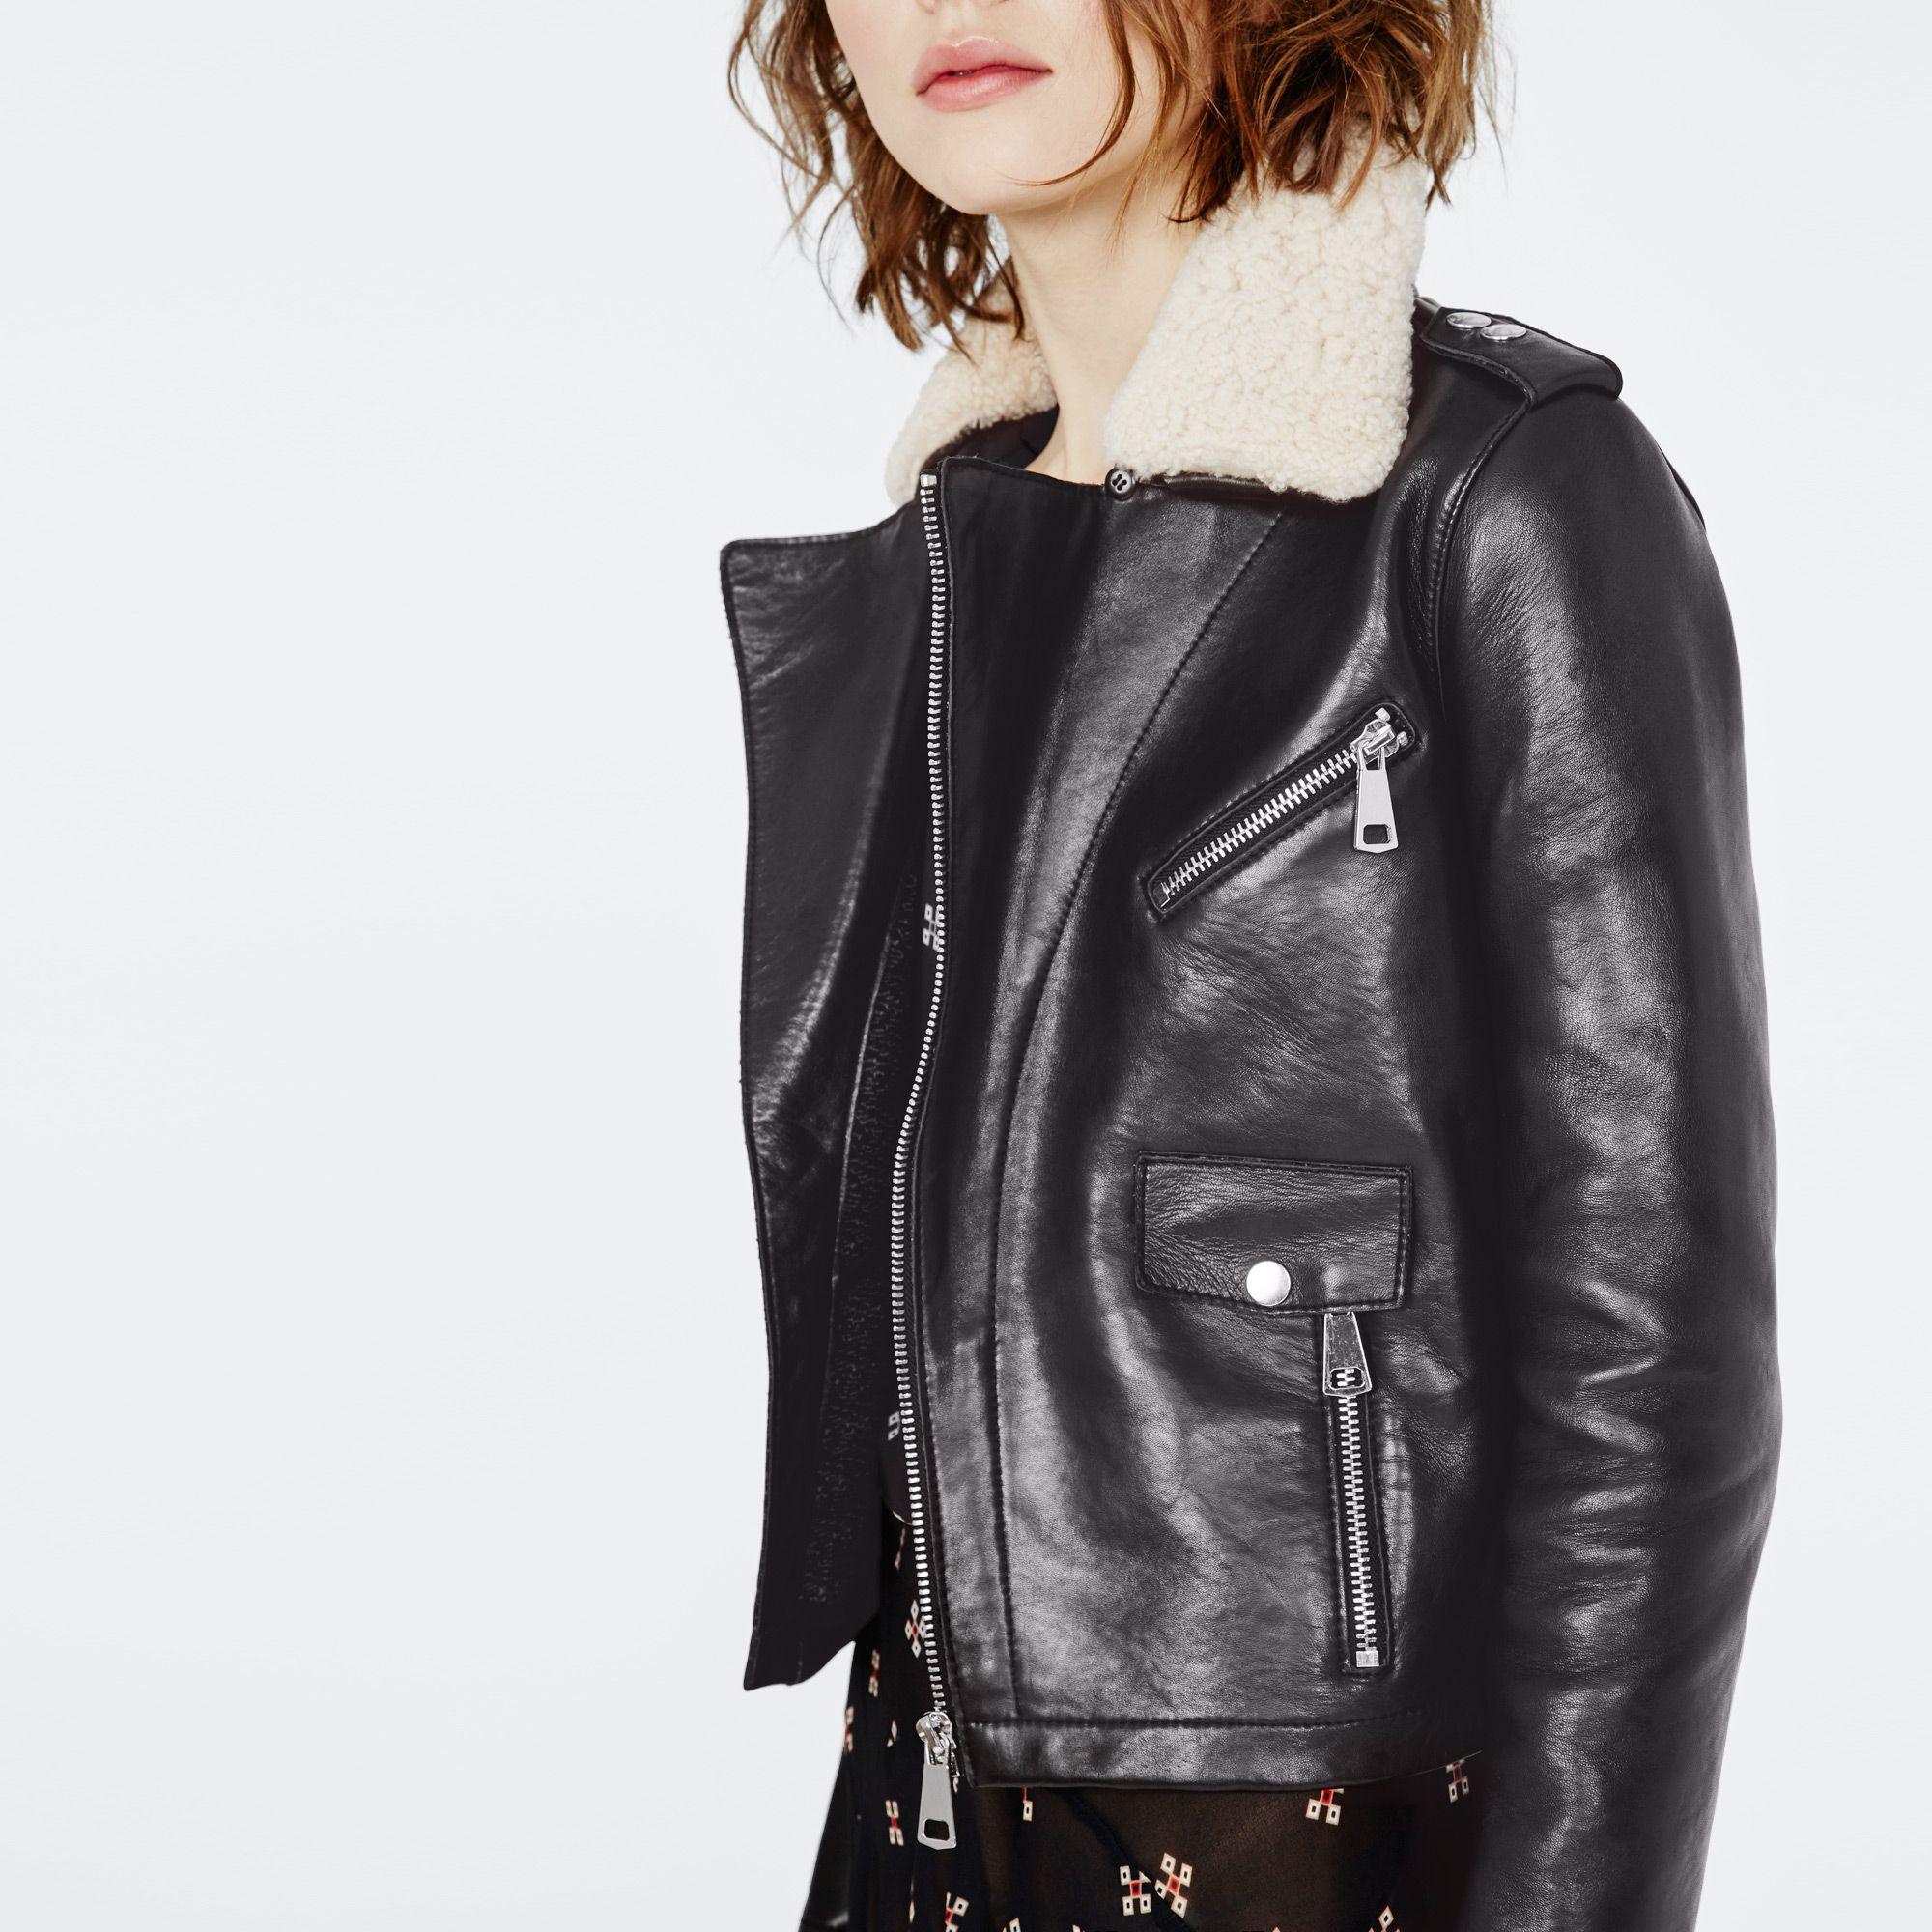 veste en cuir maje 2013 les vestes la mode sont populaires partout dans le monde. Black Bedroom Furniture Sets. Home Design Ideas